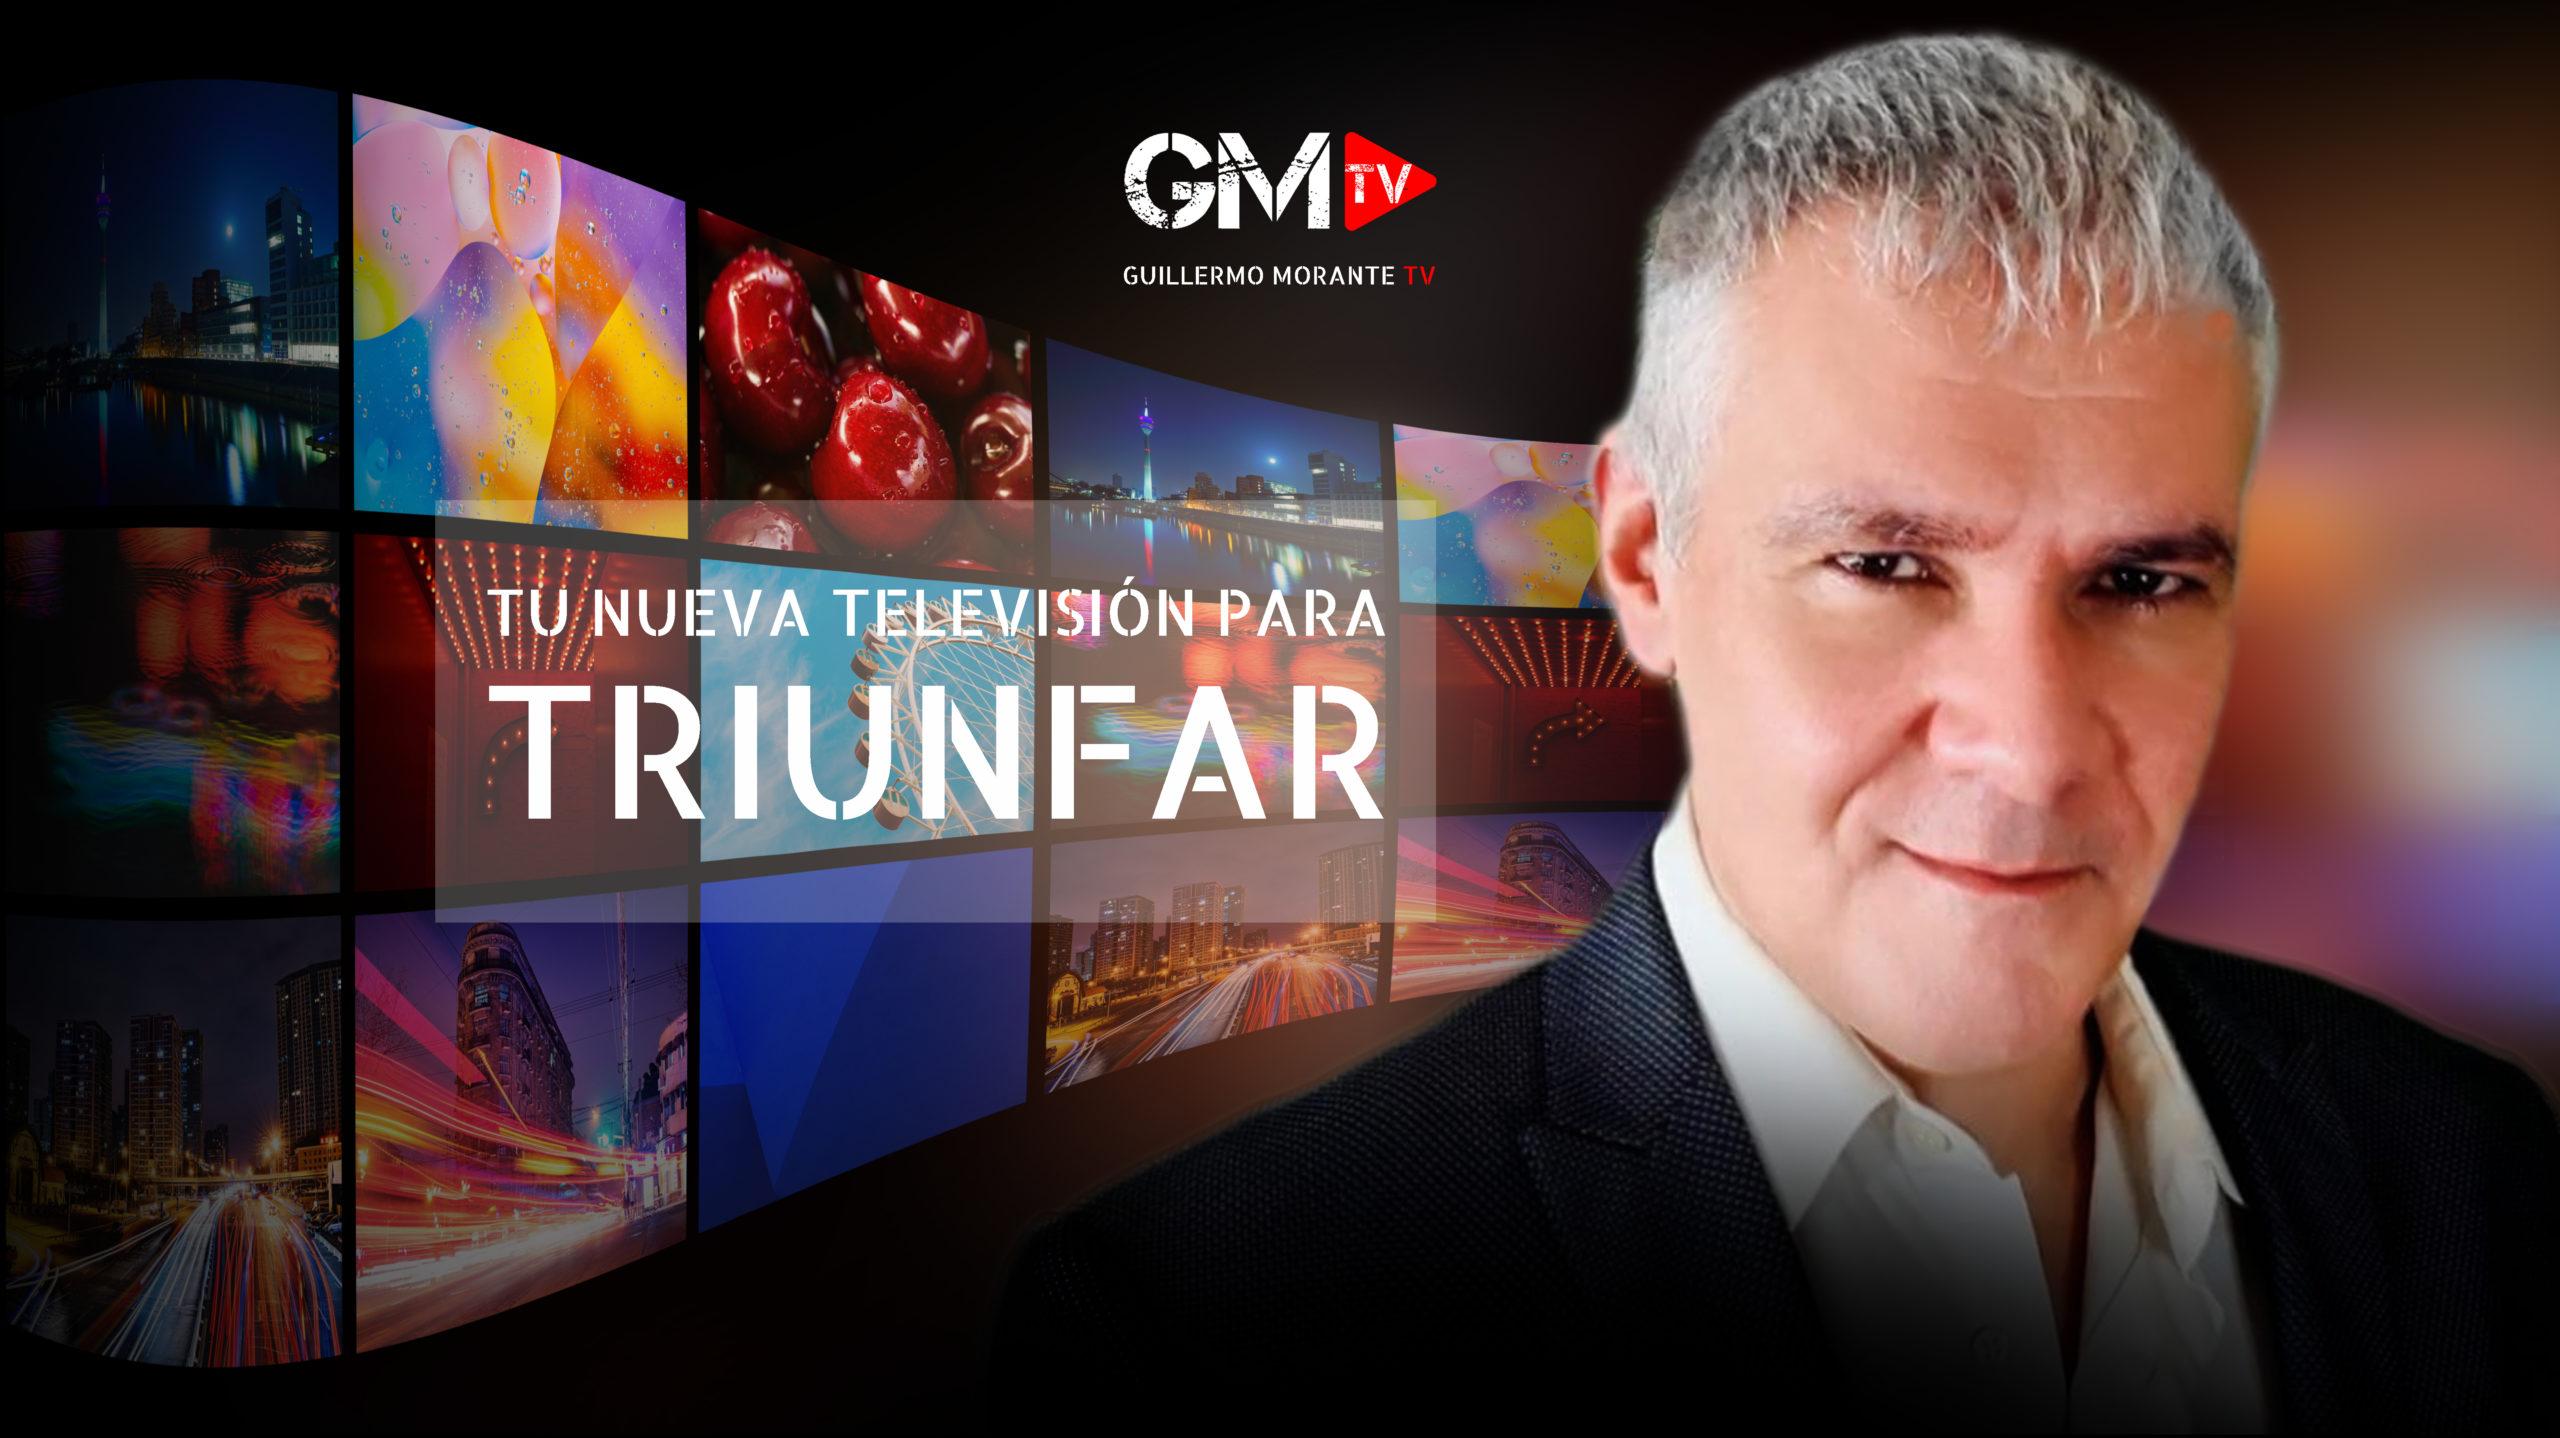 Guillermo Morante TV